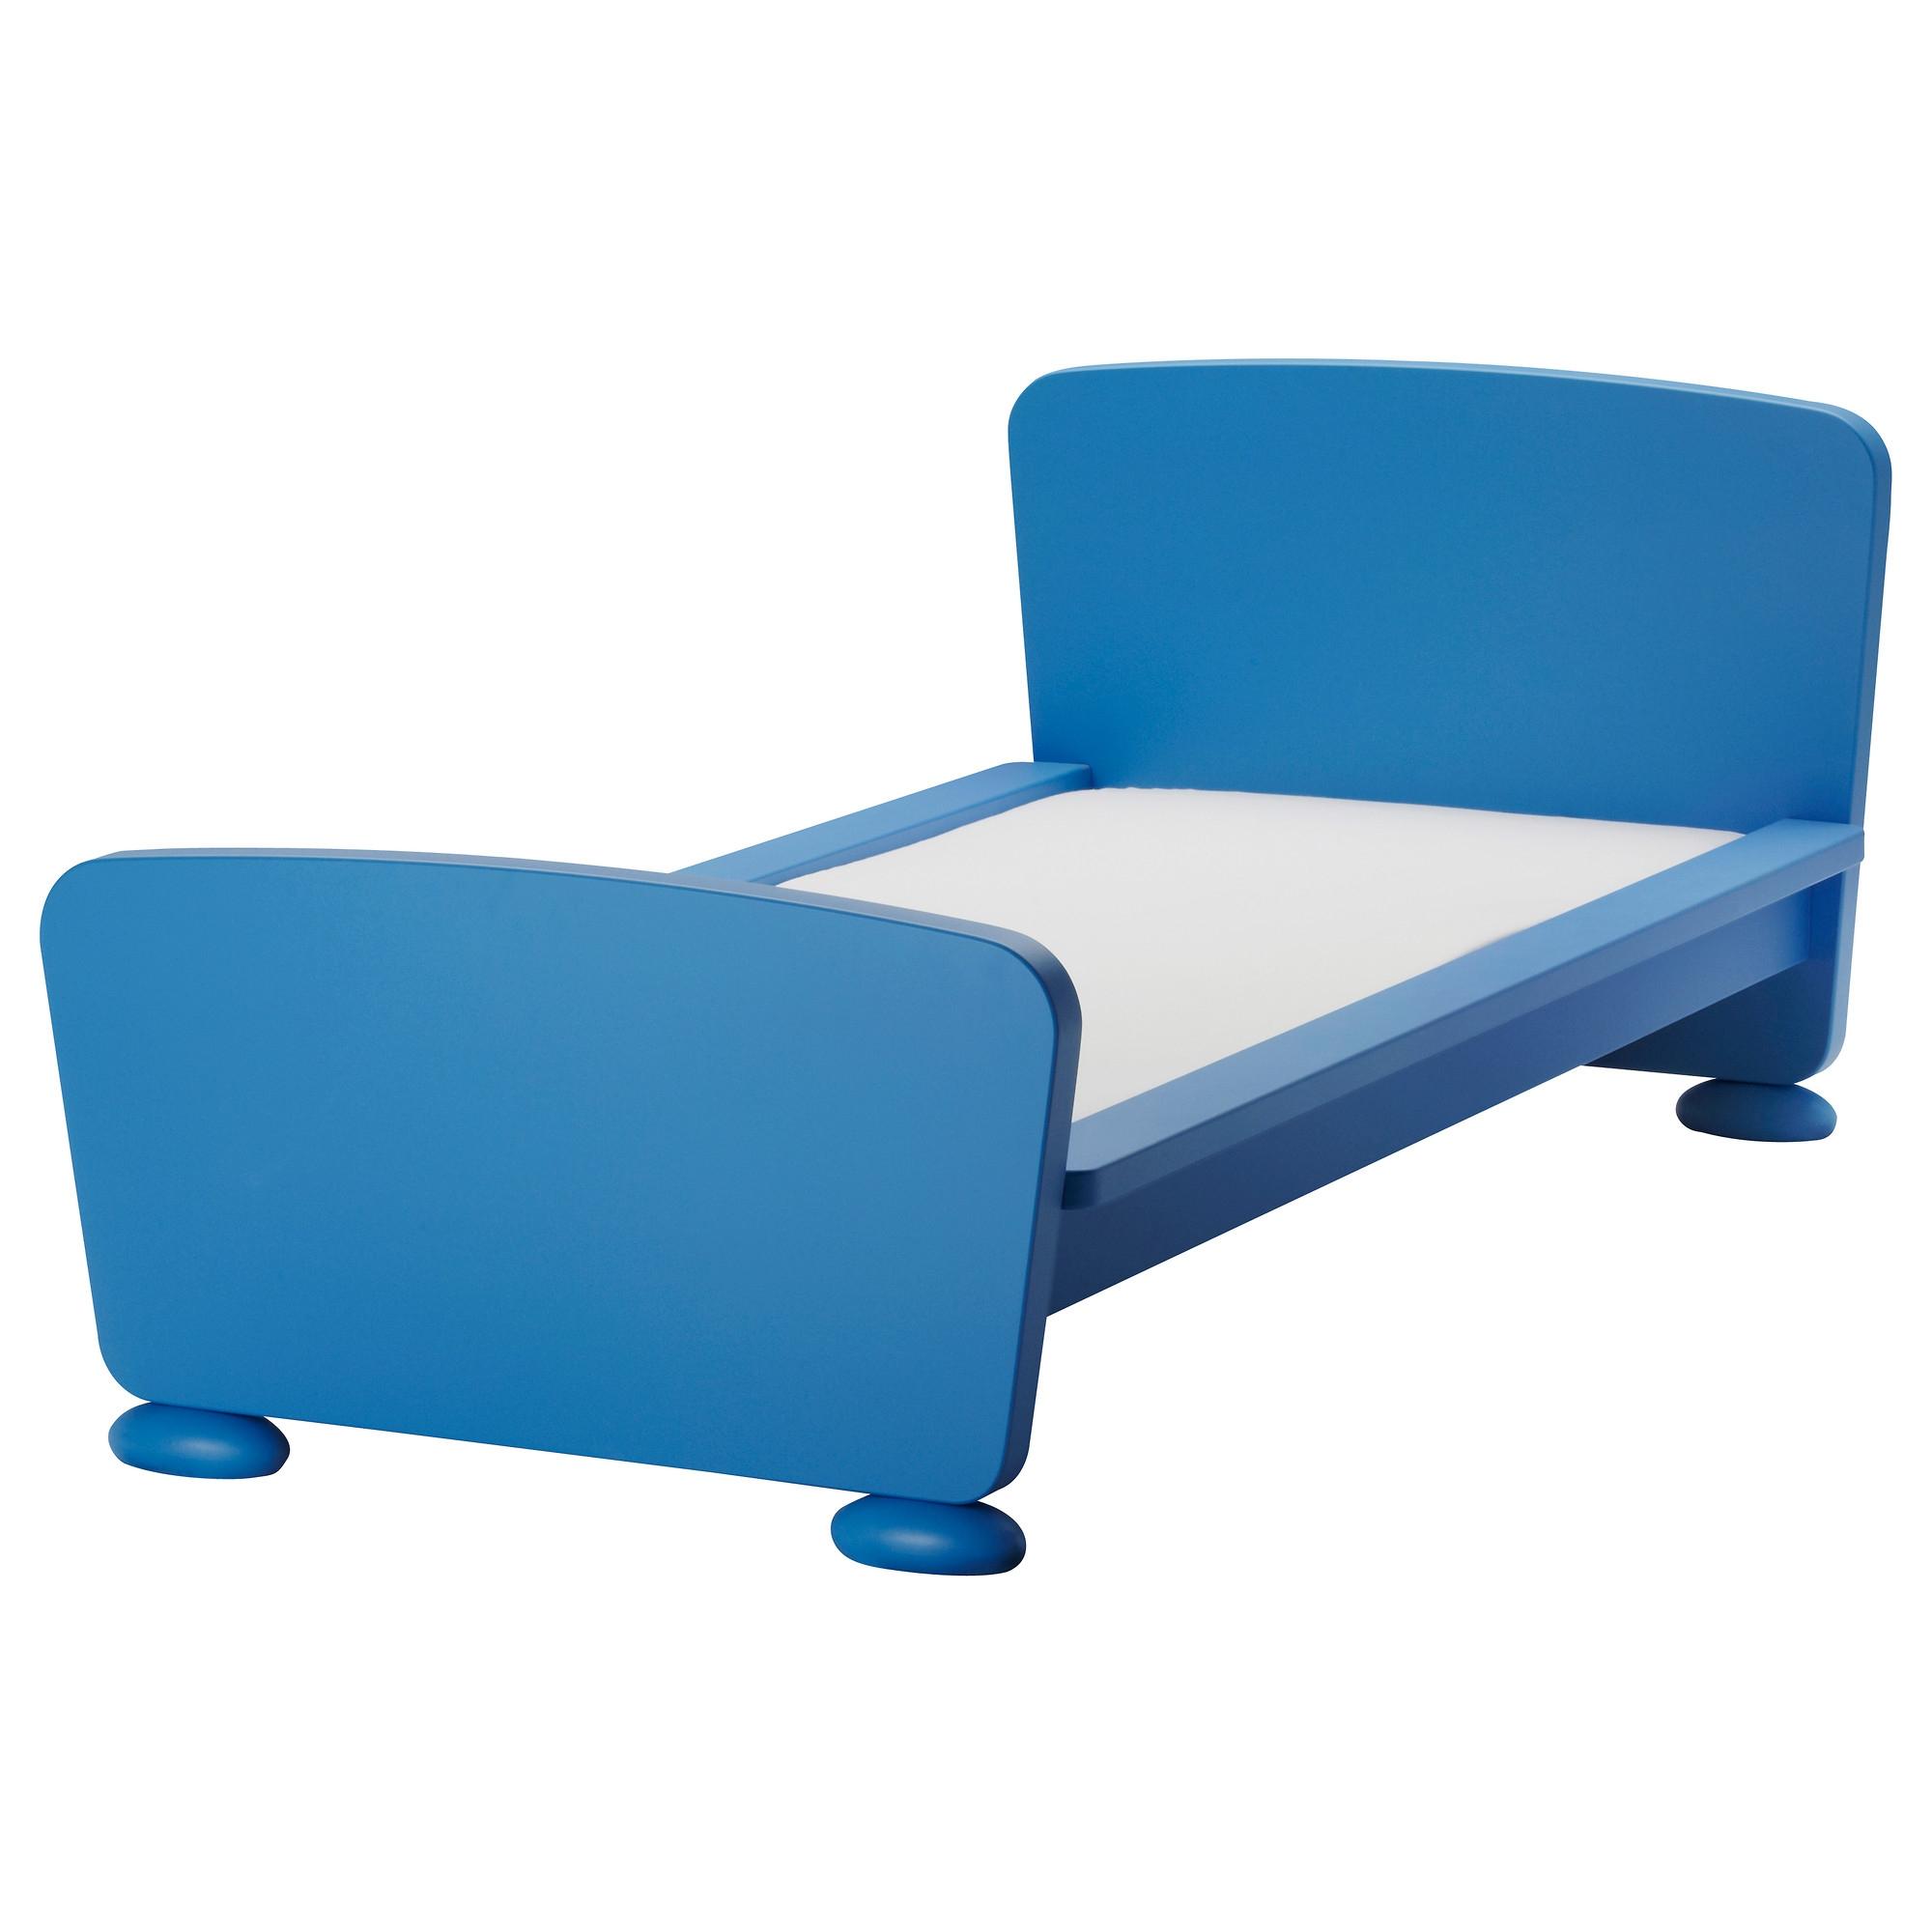 Ikea y los ninos 3 7 anos camas accesorios pictures - Ikea camas de ninos ...